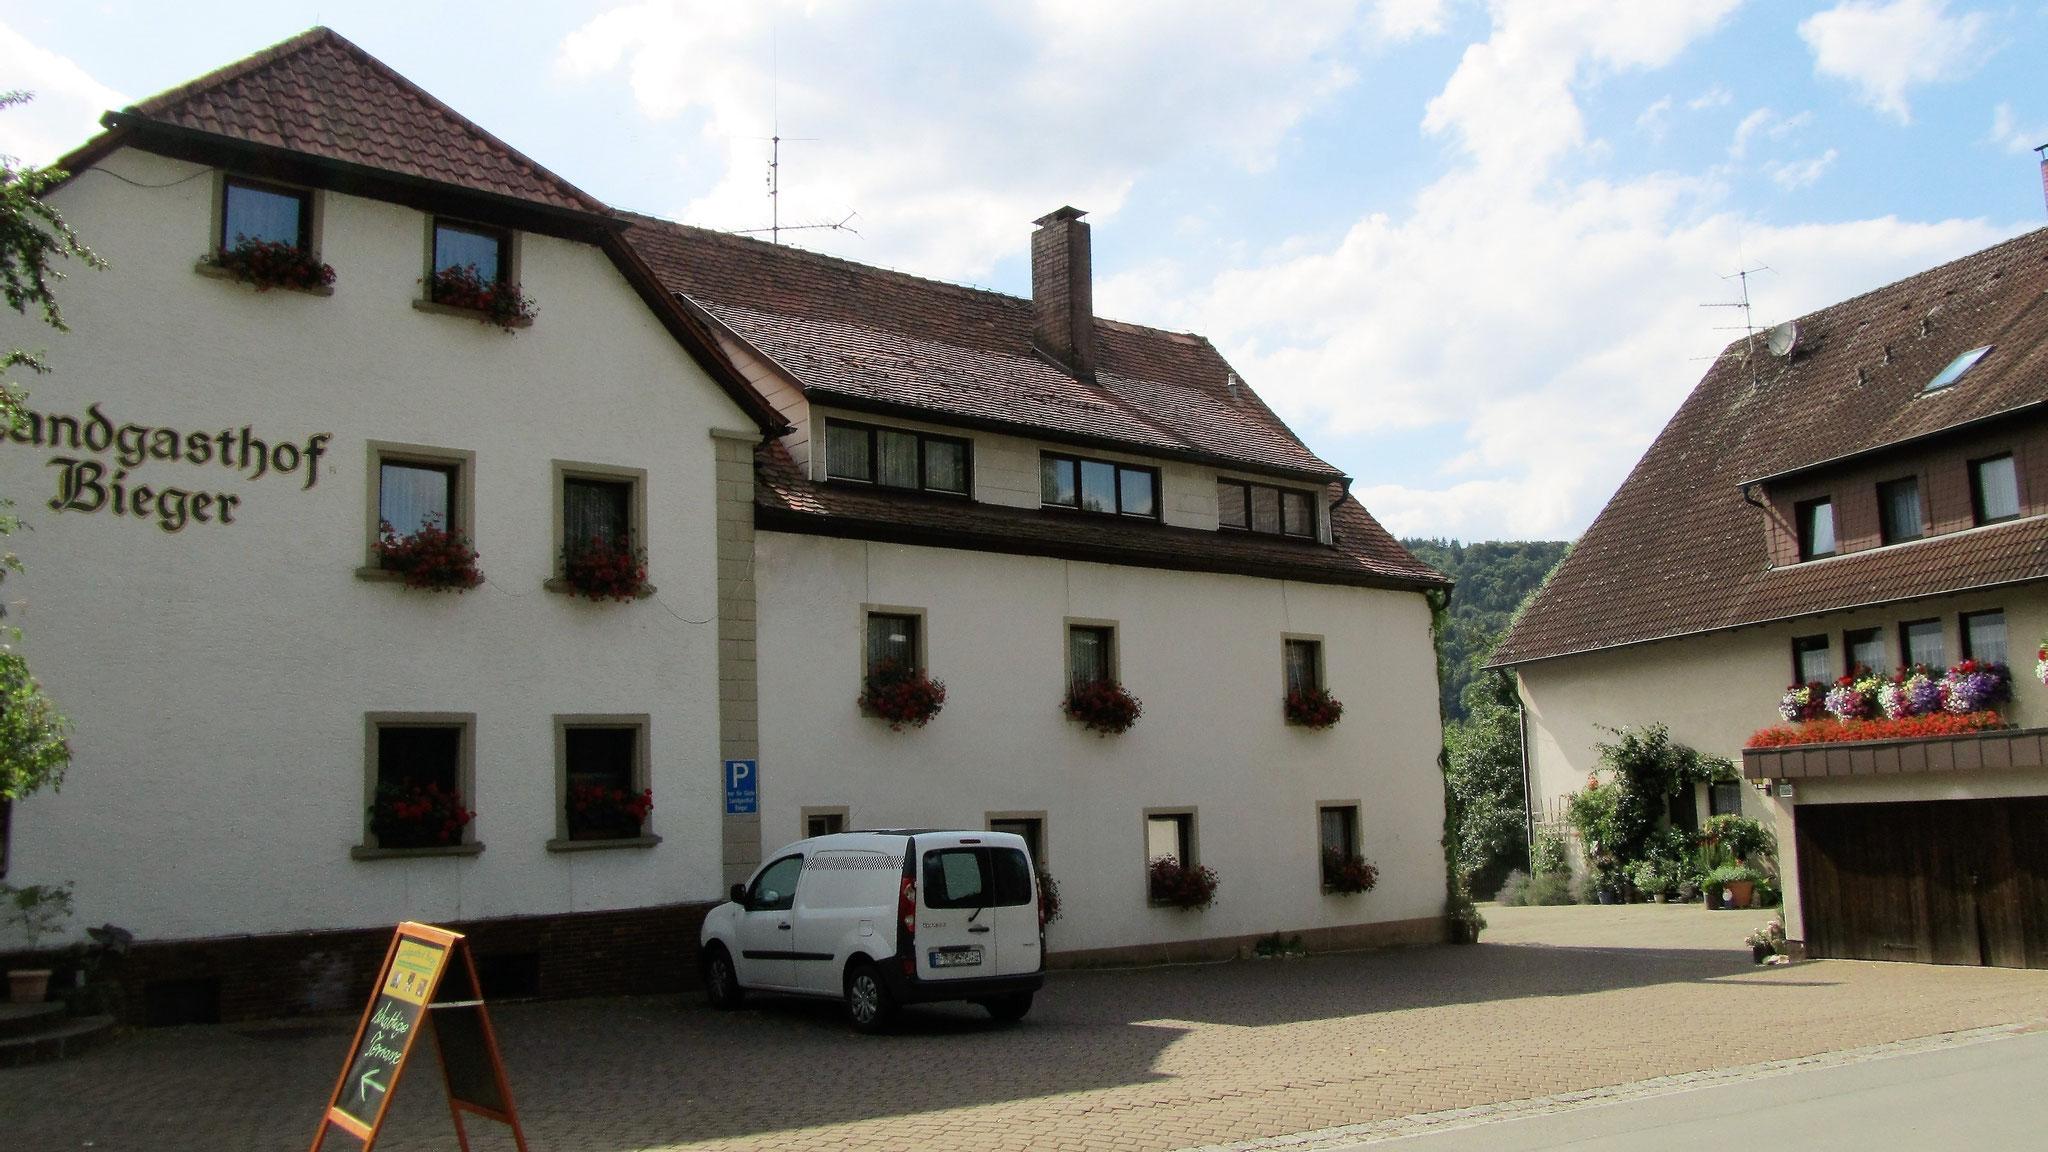 Der Landgasthof Bieger in Rothenbühl heute.